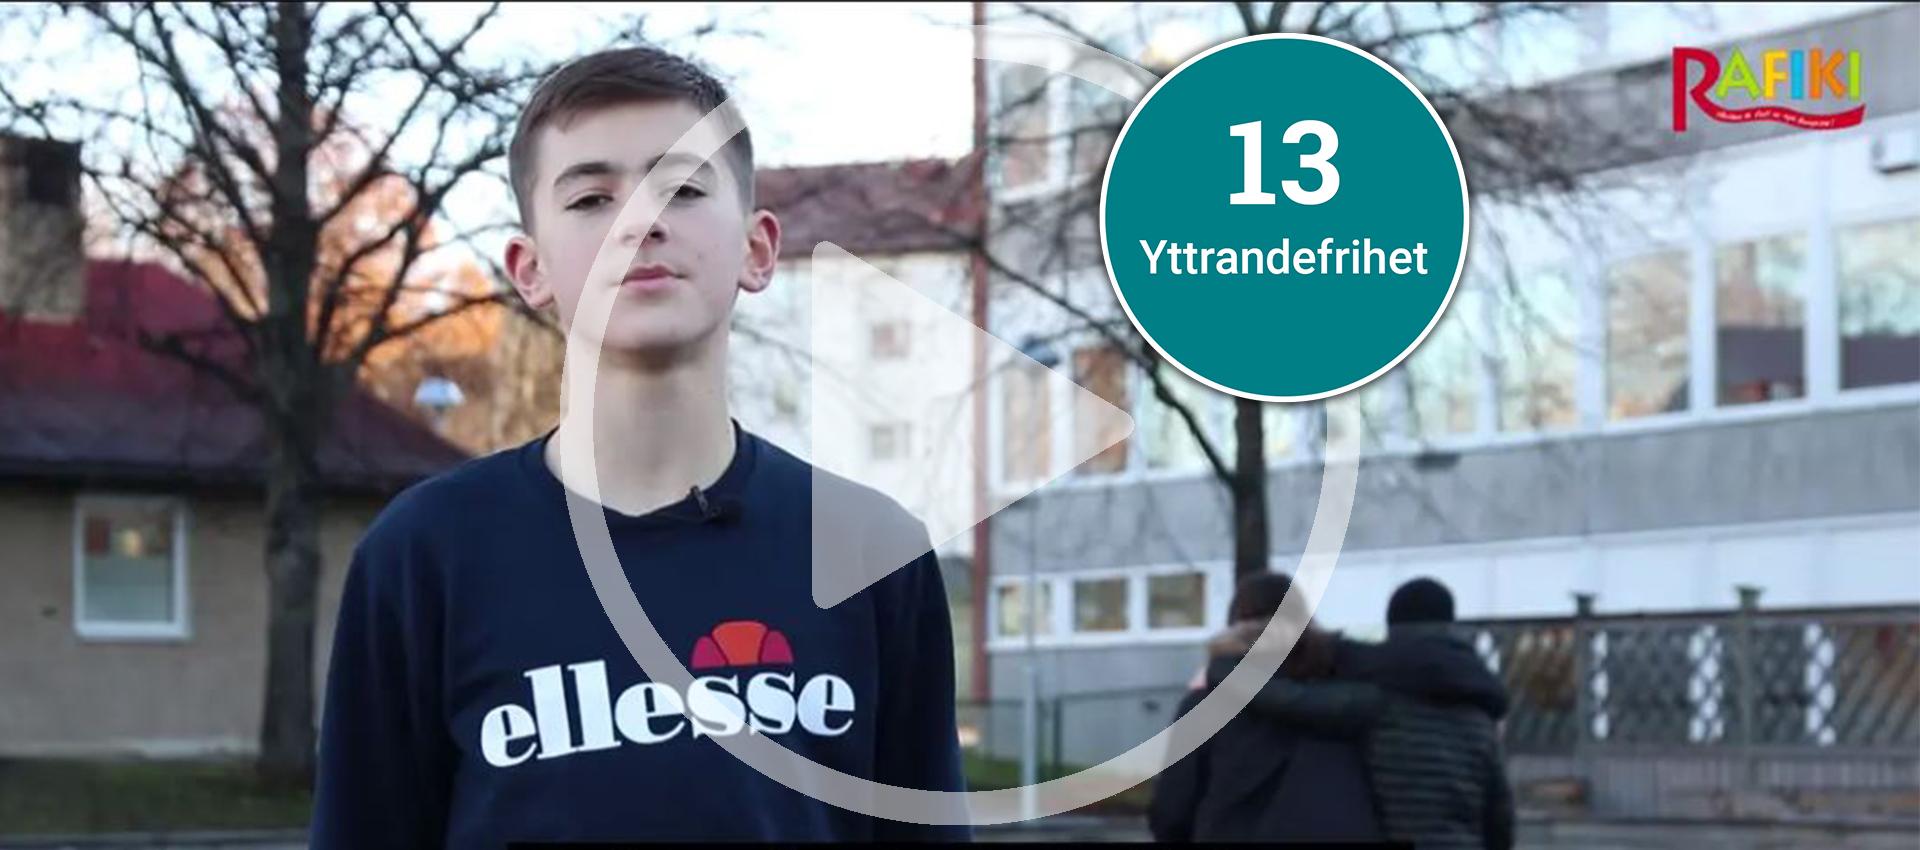 Lektion om barnkonventionen artikel 13 - rätt till yttrandefrihet